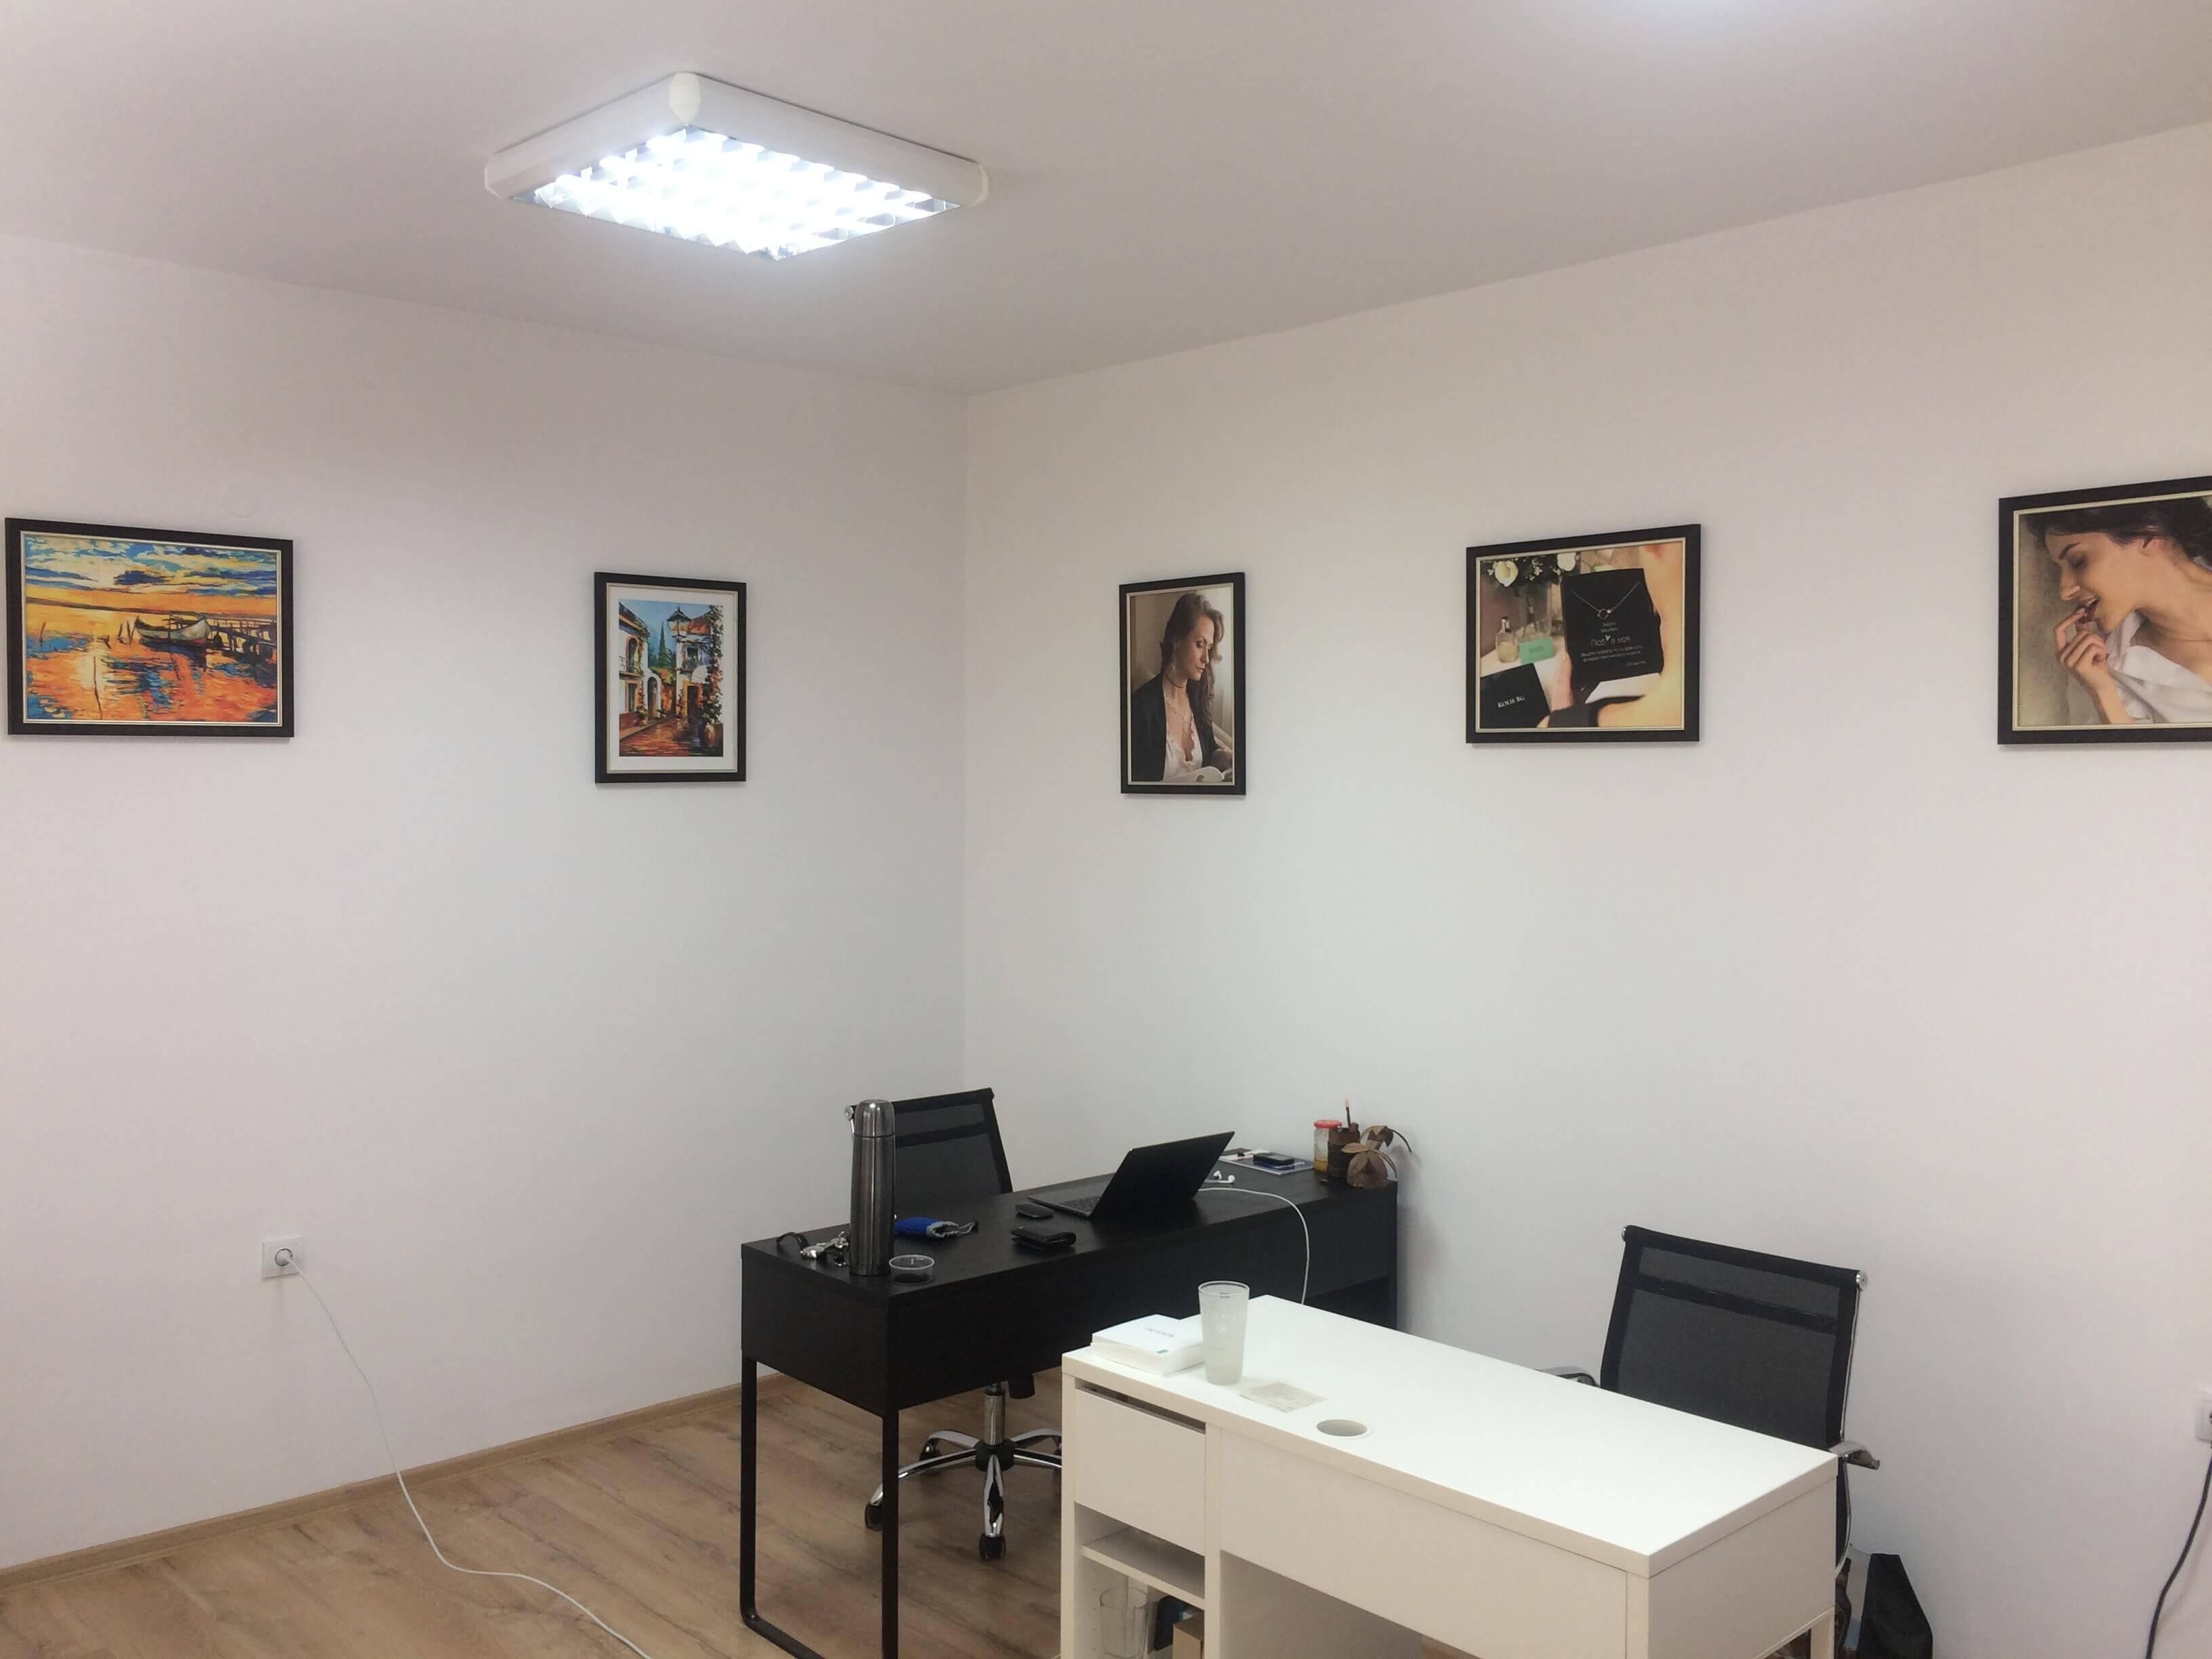 1001 Картини офис